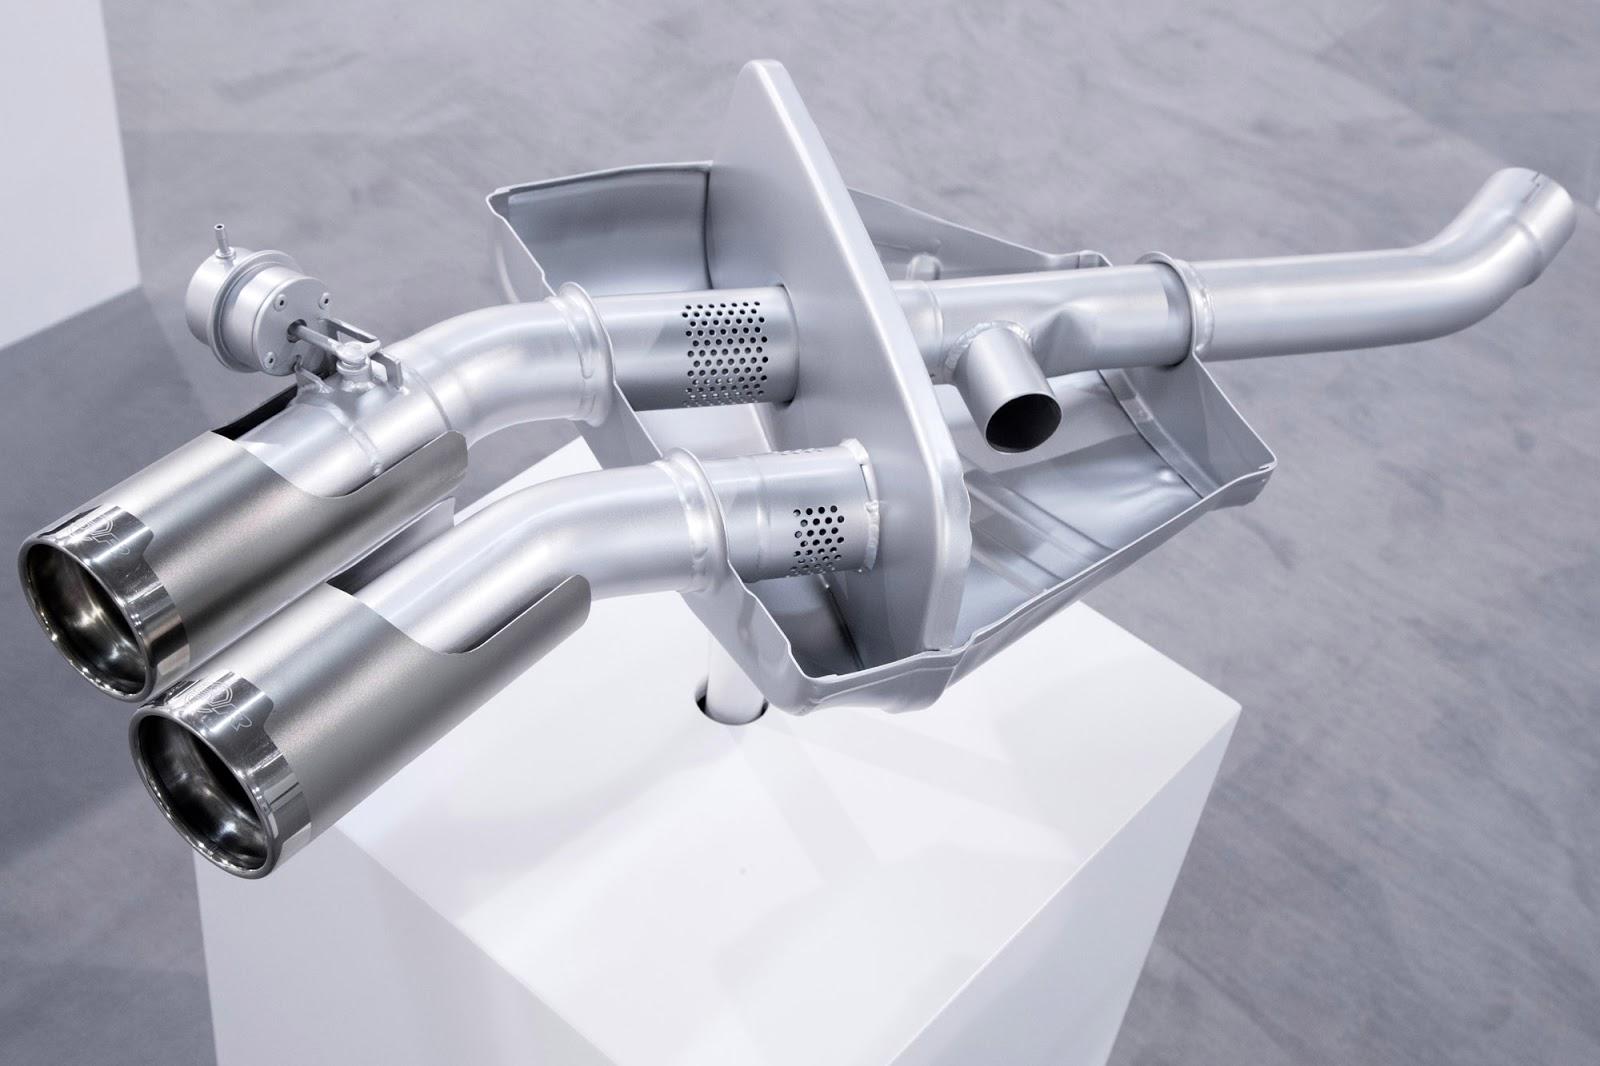 Hệ thống 4 ống xả mới làm bằng titan và hợp kim cao cấp